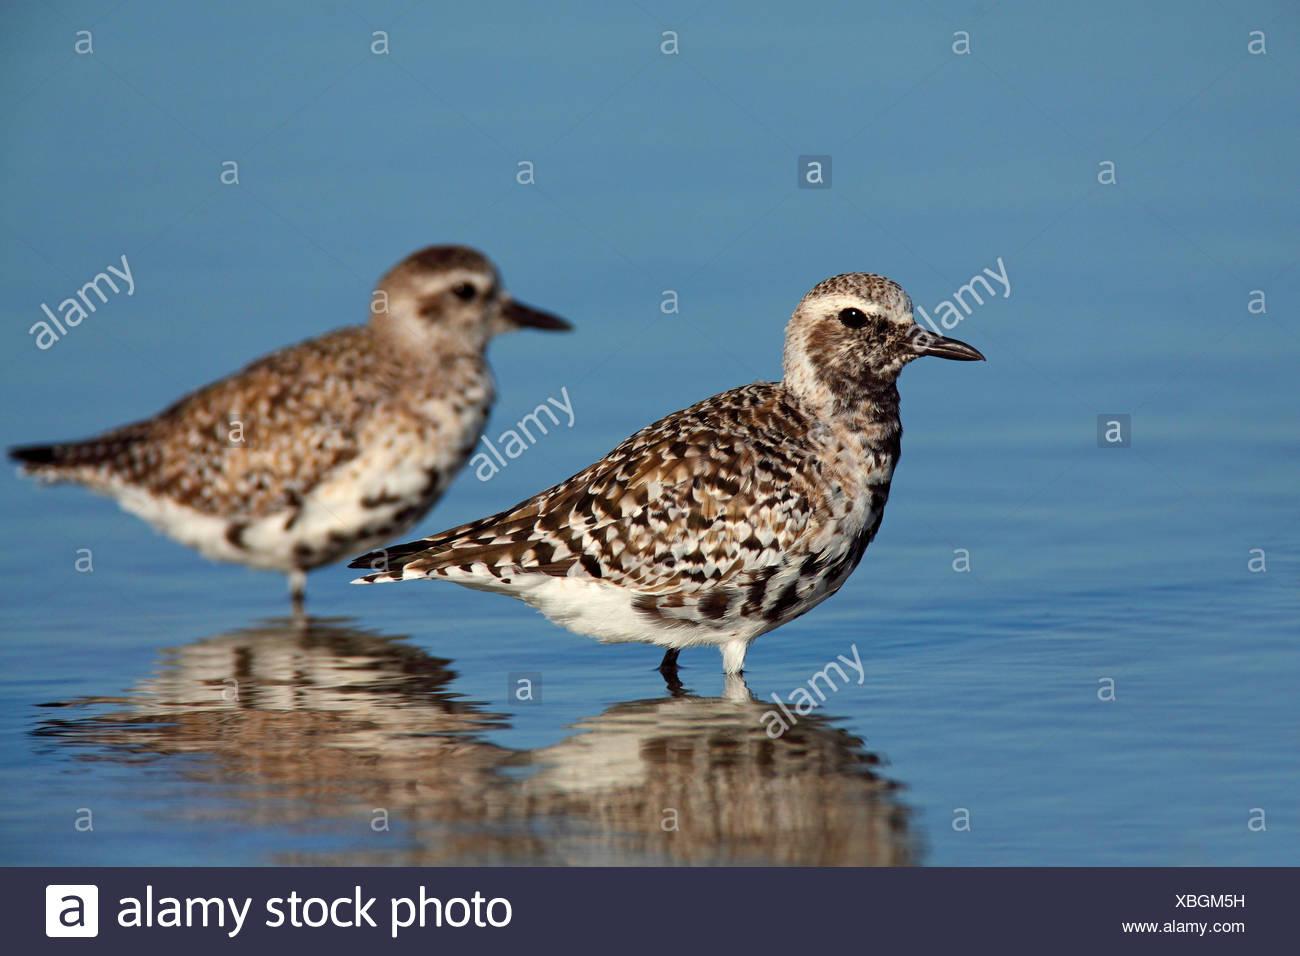 Grey plover (Pluvialis squatarola), des oiseaux en plumage d'hiver et en transition à plumage nuptial, USA, Floride Photo Stock